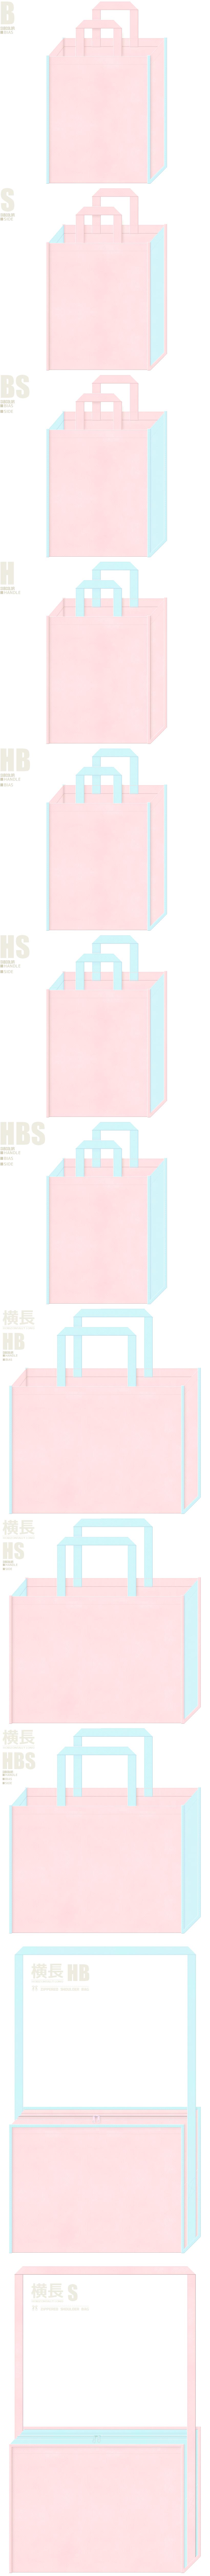 コスメ・美容セミナーの資料配布用バッグにお奨めの、桜色と水色、7パターンの不織布トートバッグ配色デザイン例。